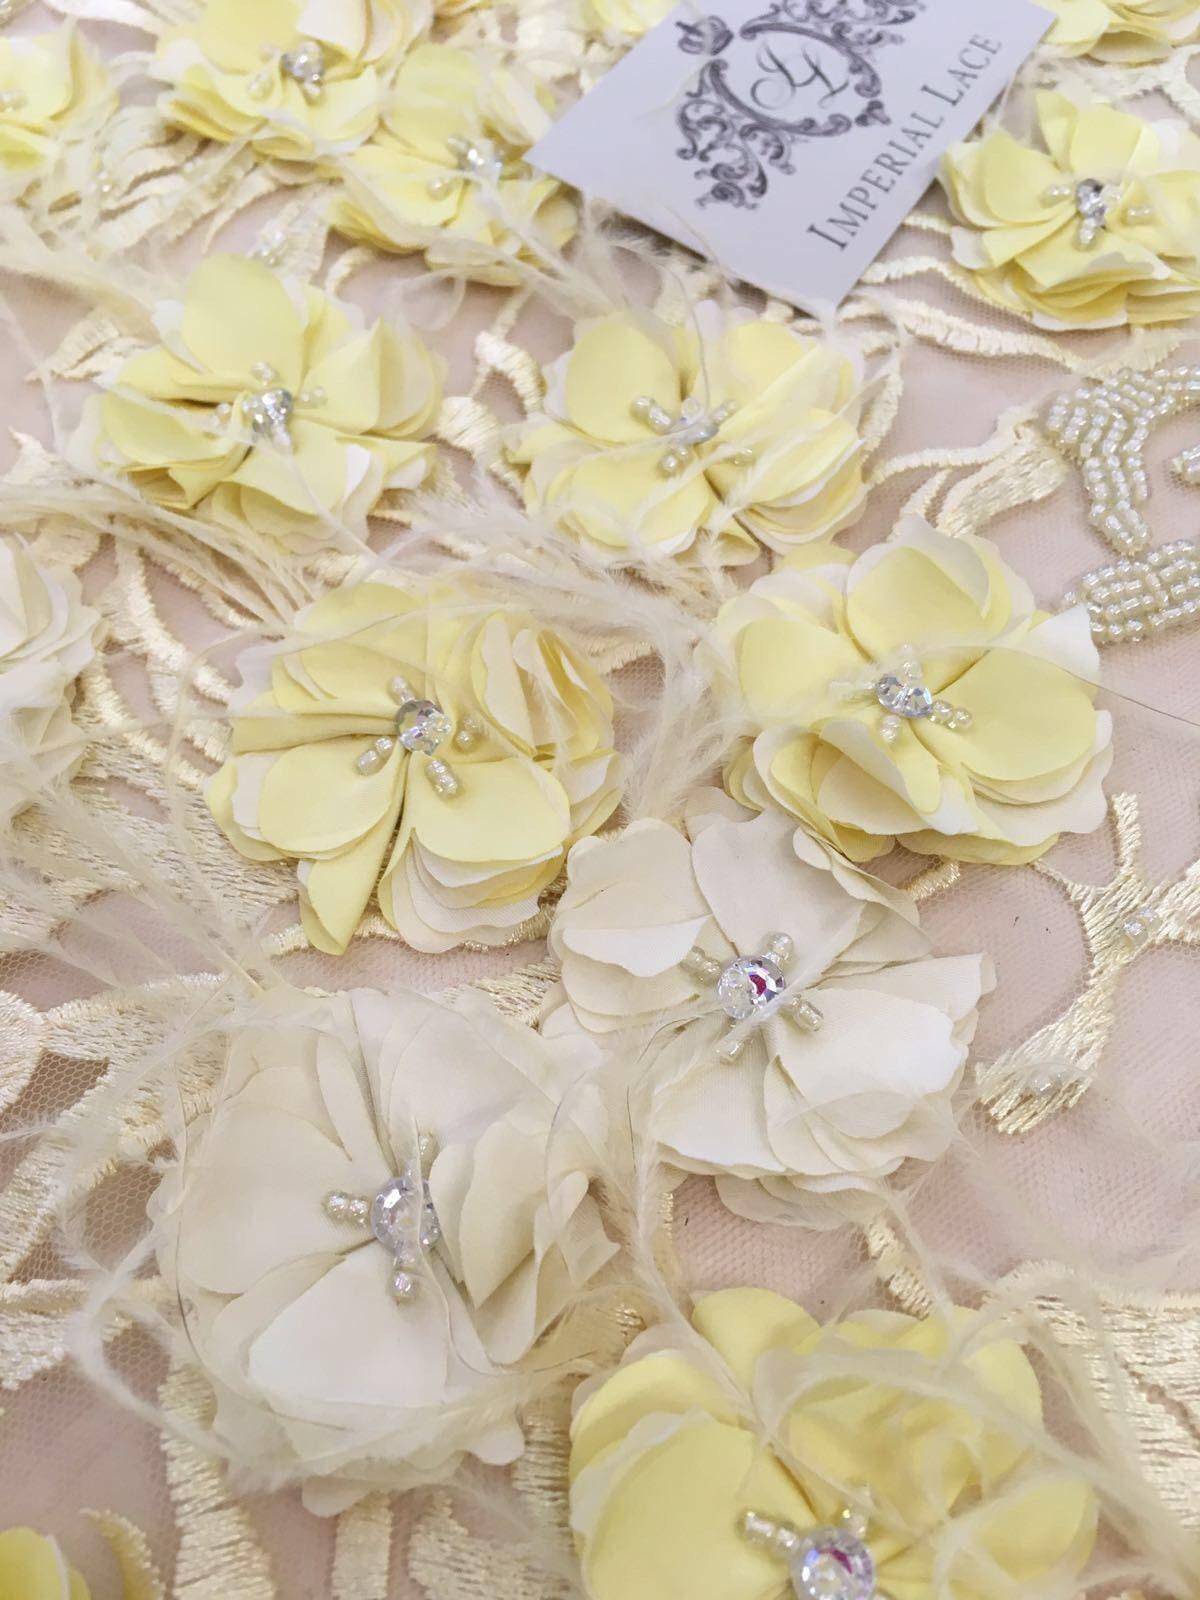 Plumes de tissu jaune 3D dentelle perlé perle dentelle, dentelle, dentelle, Spitzenstoff 3D, Français de voile de dentelle, dentelle de Lingerie, K00607 de dentelle de Chantilly 8b5dc2